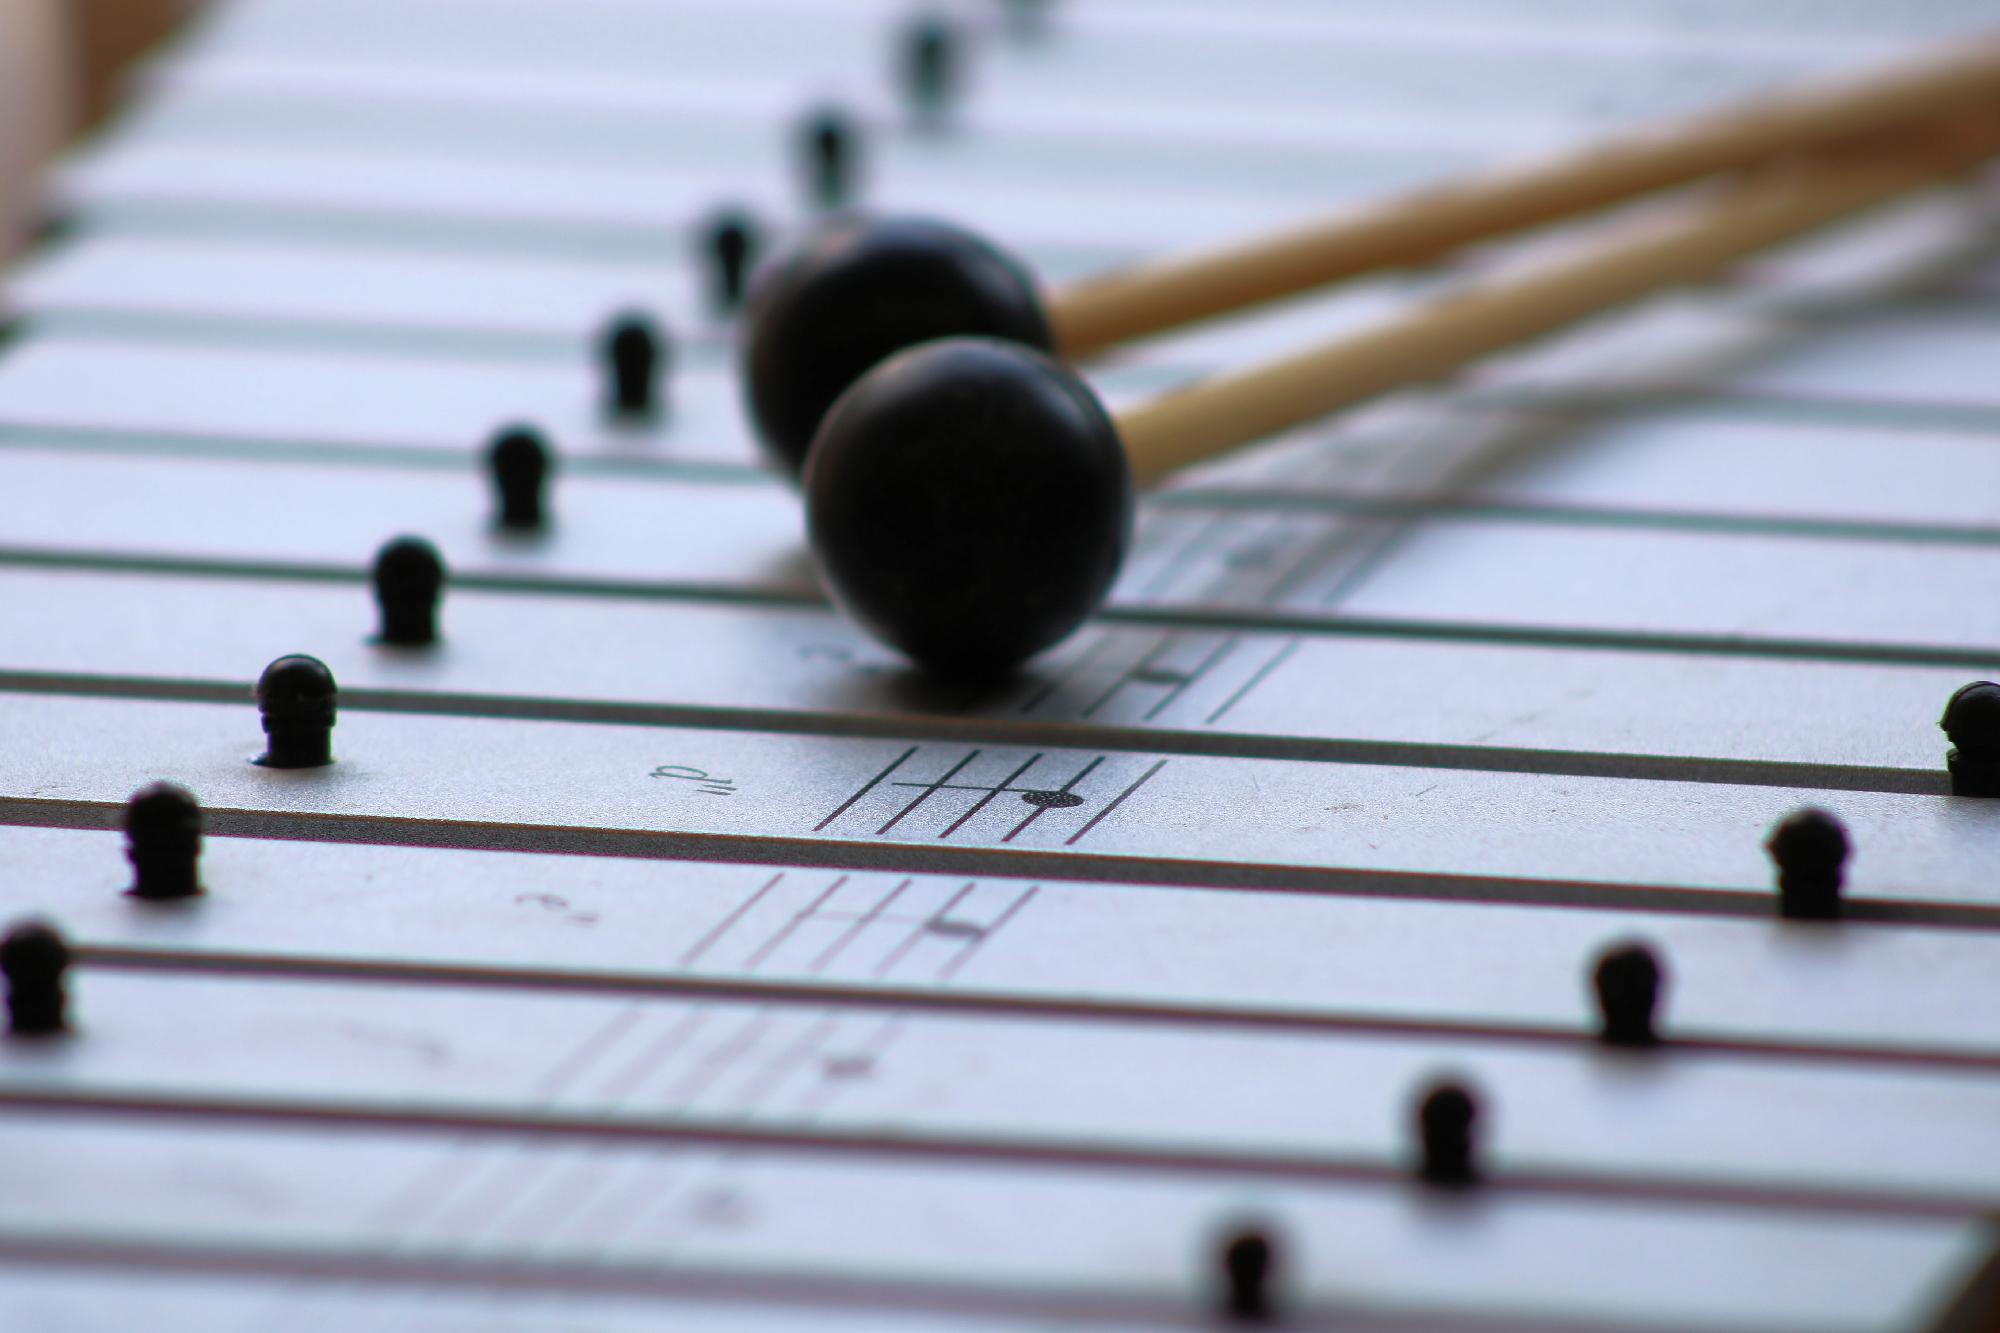 Melodic Bells